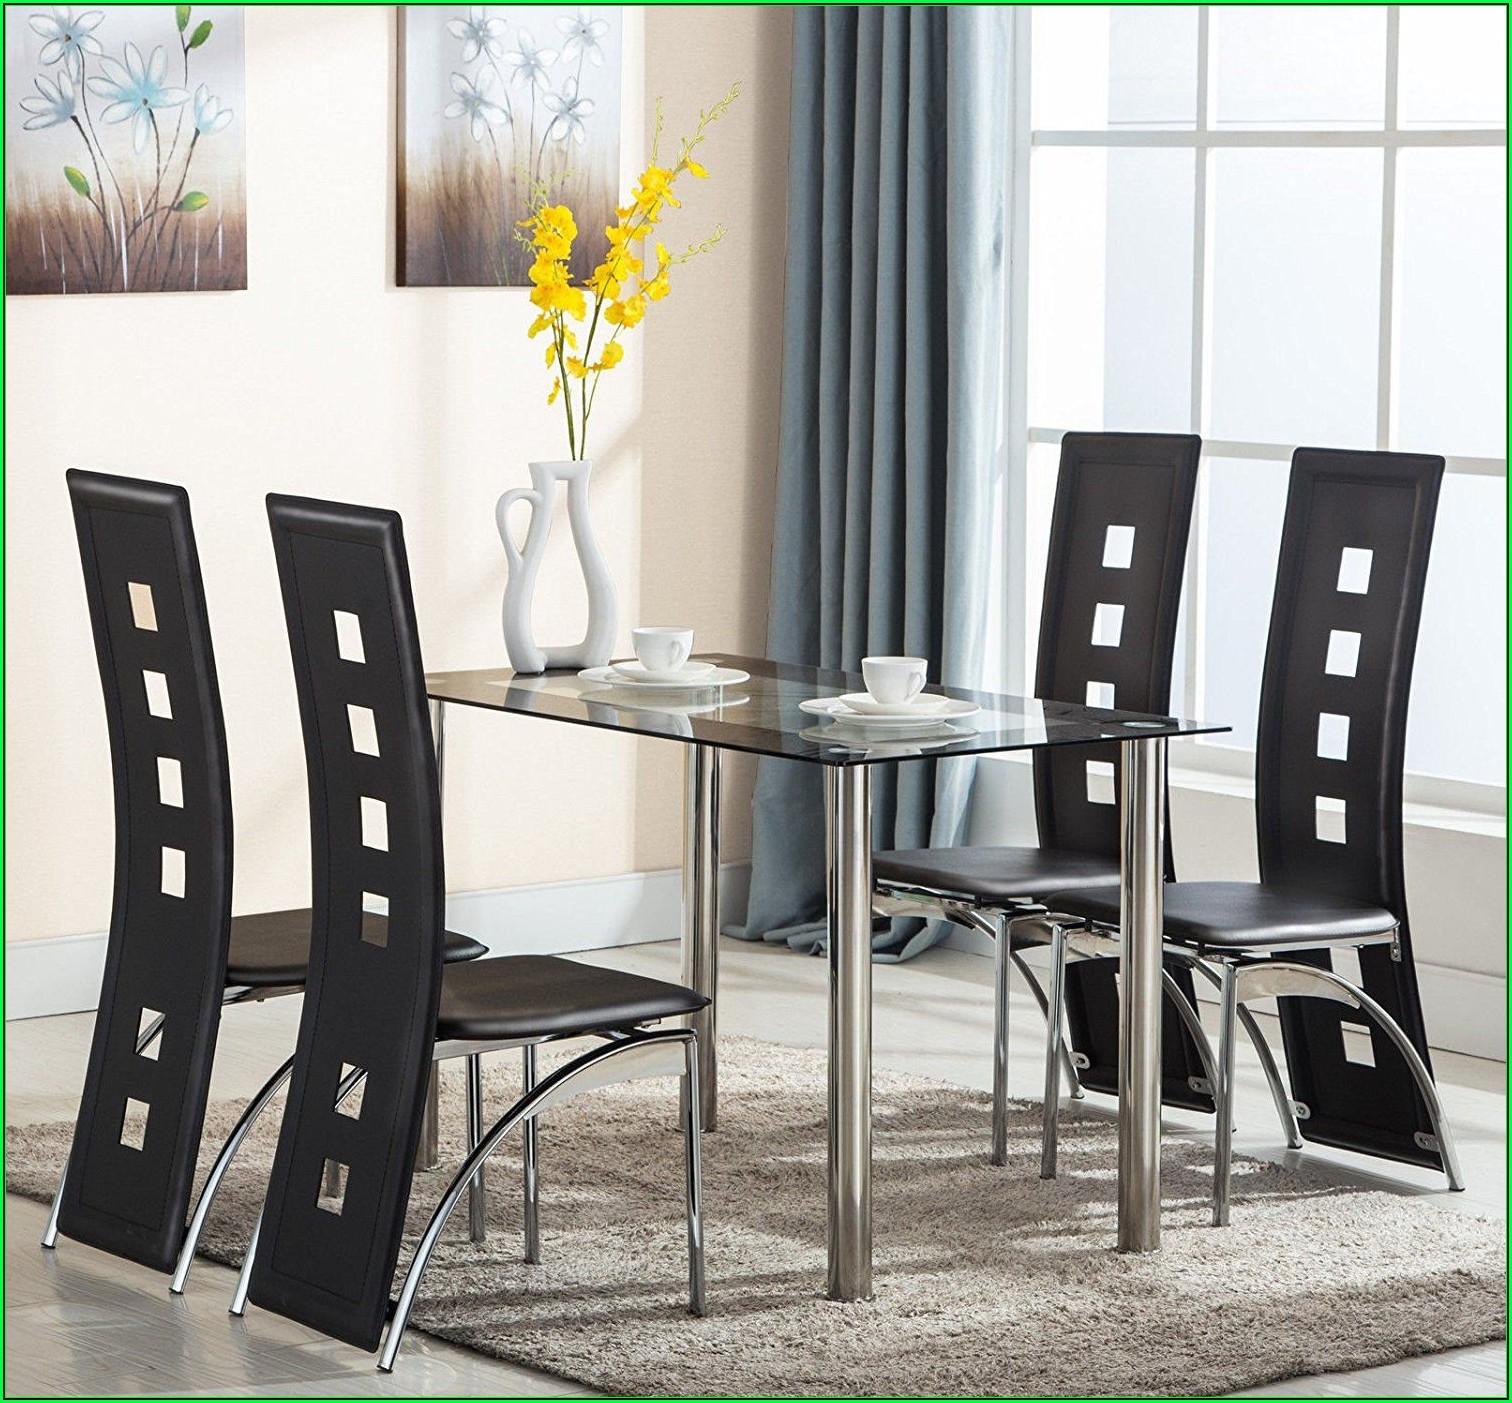 Esszimmer Stühle Runde Lehne